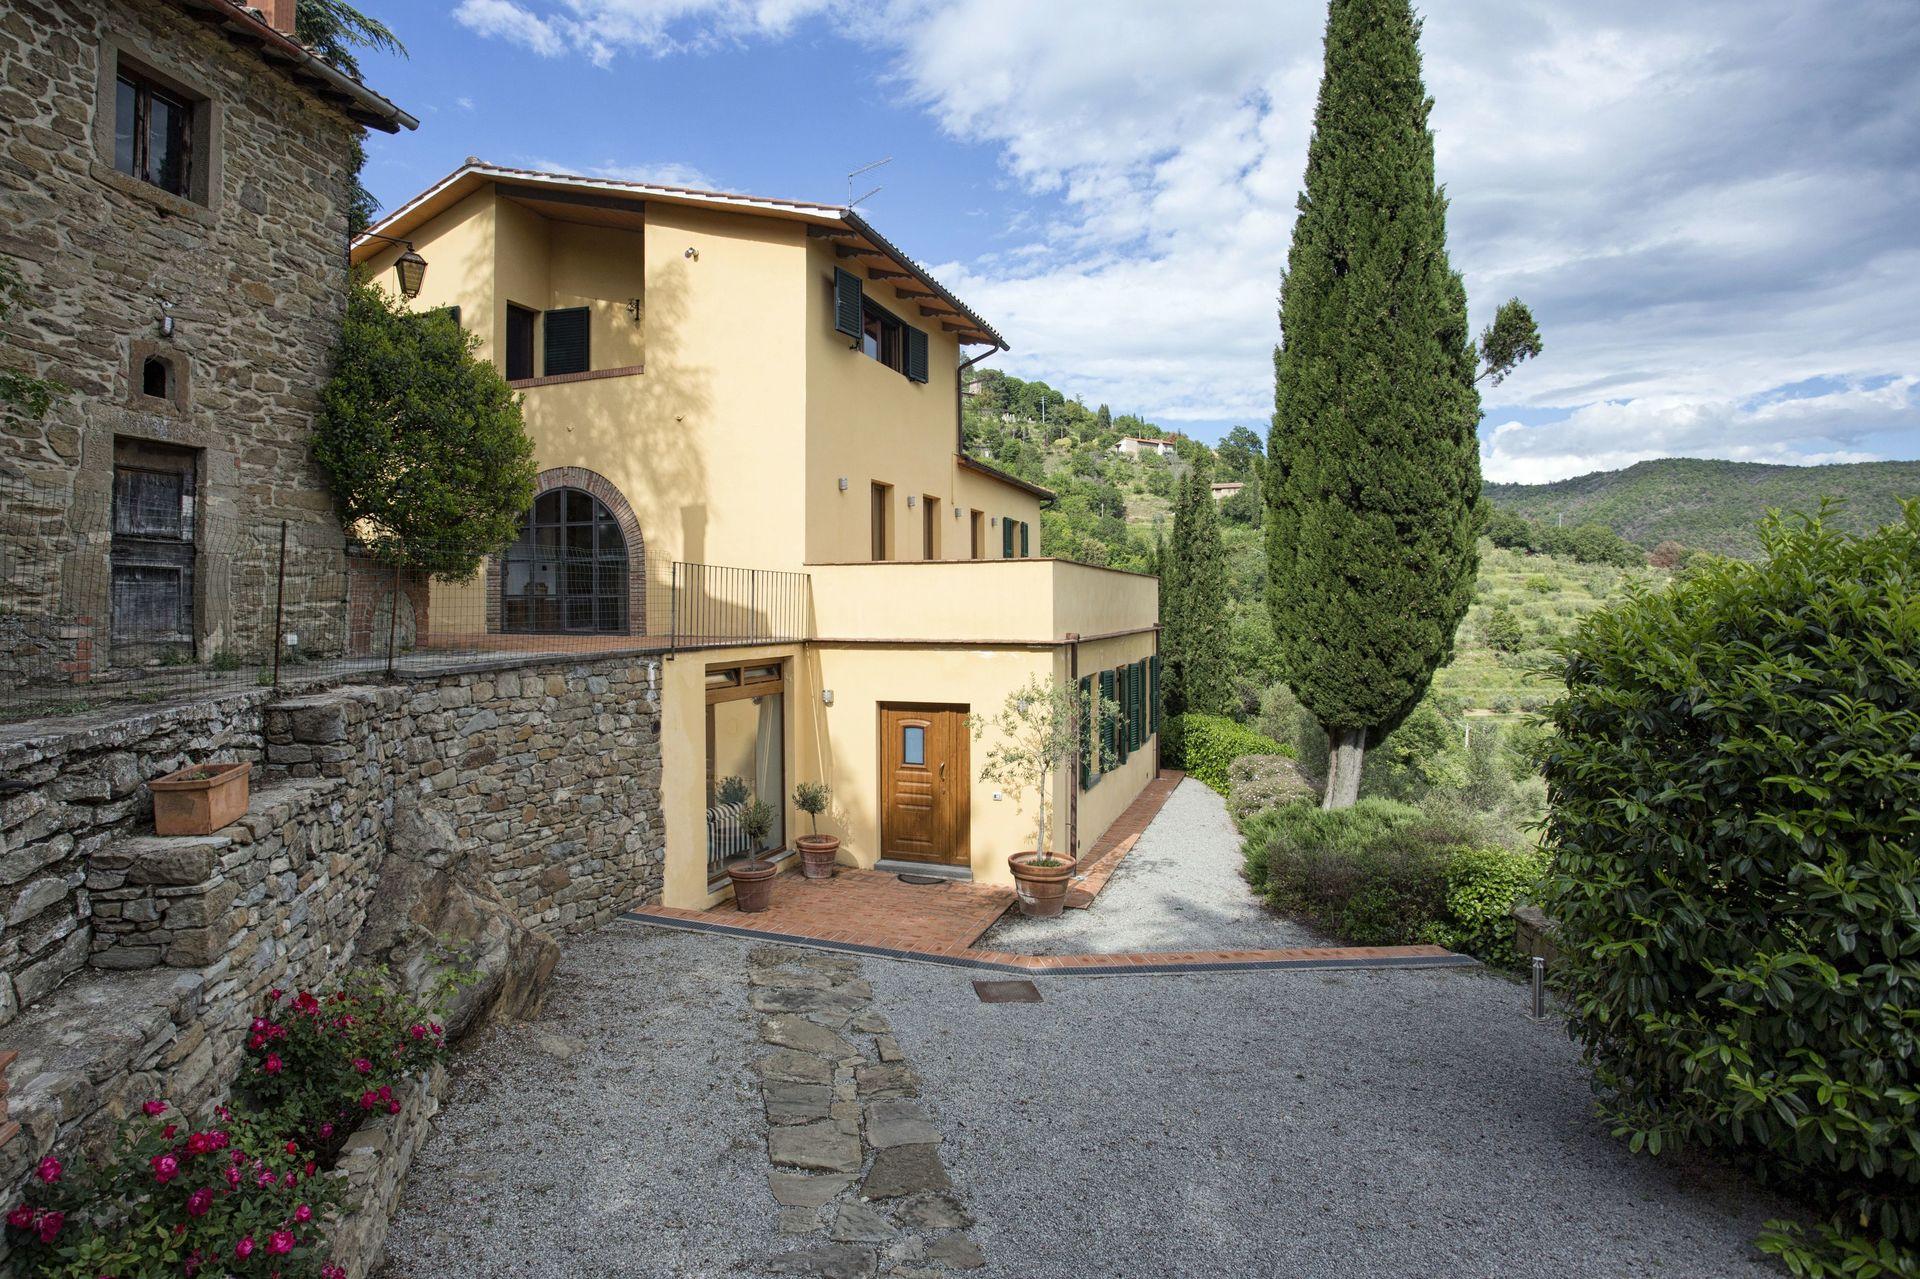 Cortona Case Villa Del Sole Cortona